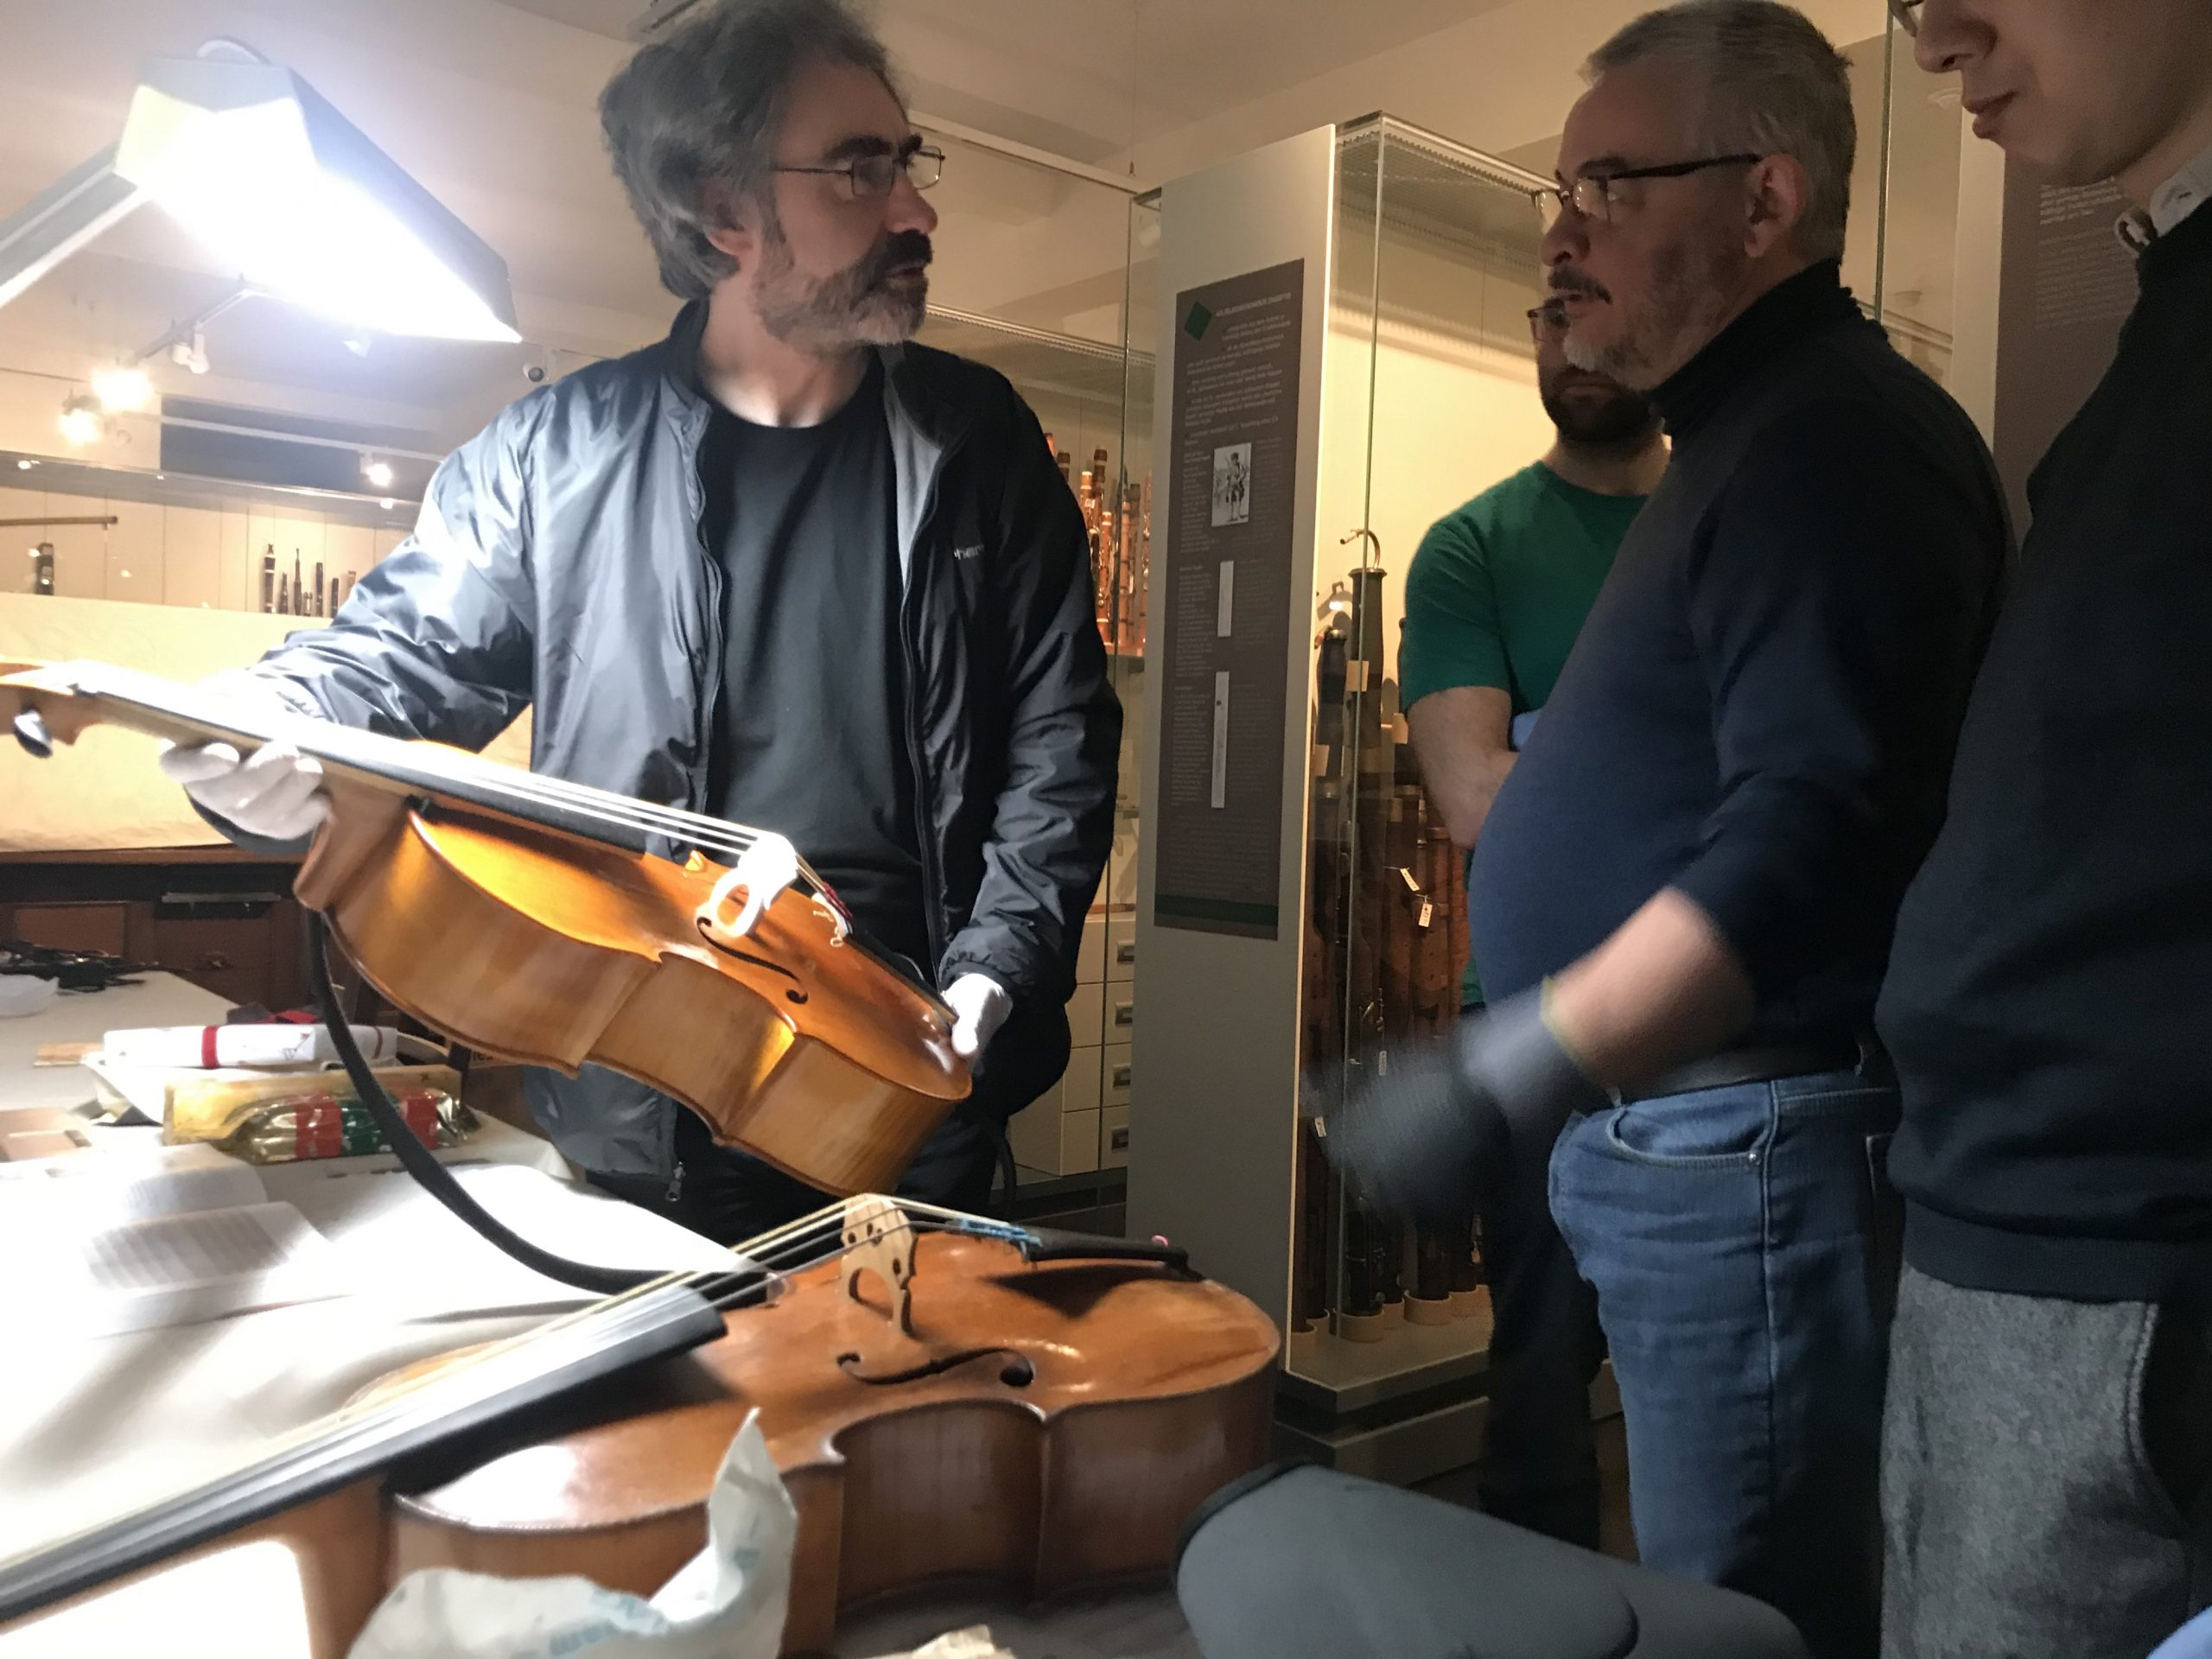 Alessandro visintini e Veith Heller museo grassi lipsia